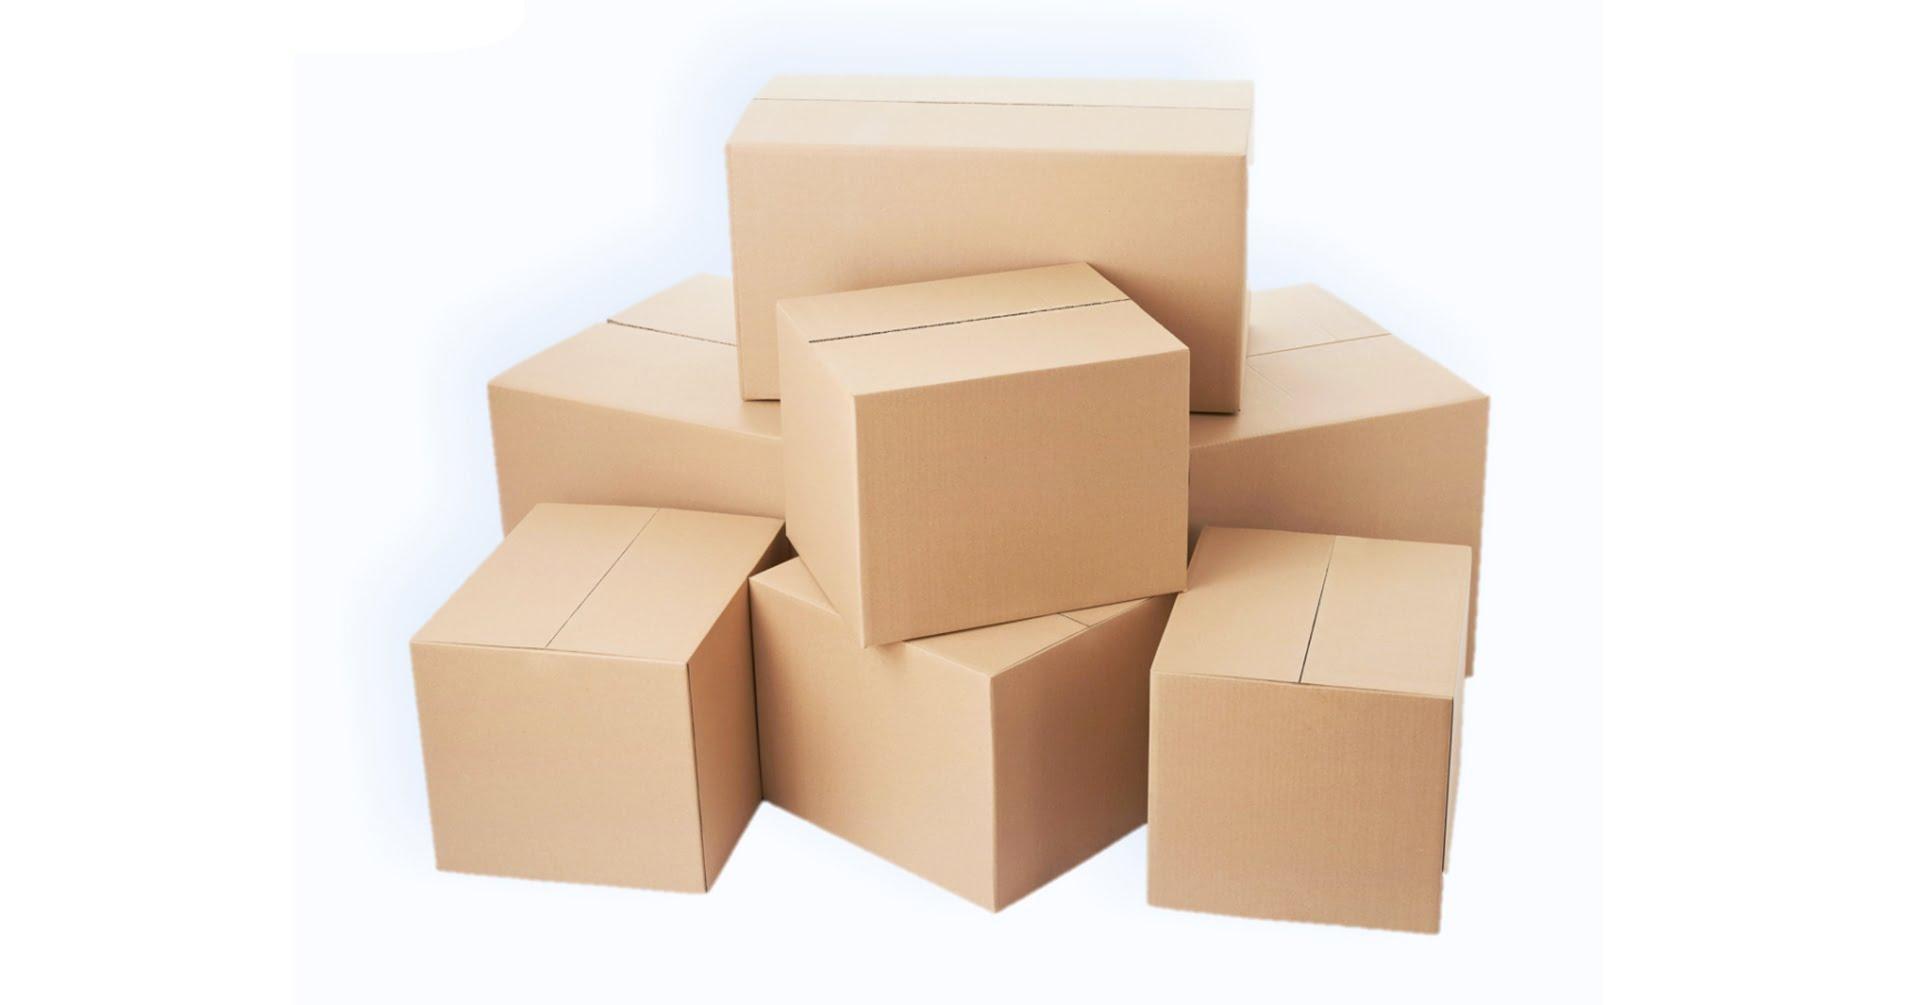 Bốc Xếp Thùng Hộp Carton - Máy Nâng Hàng Hóa Pallet